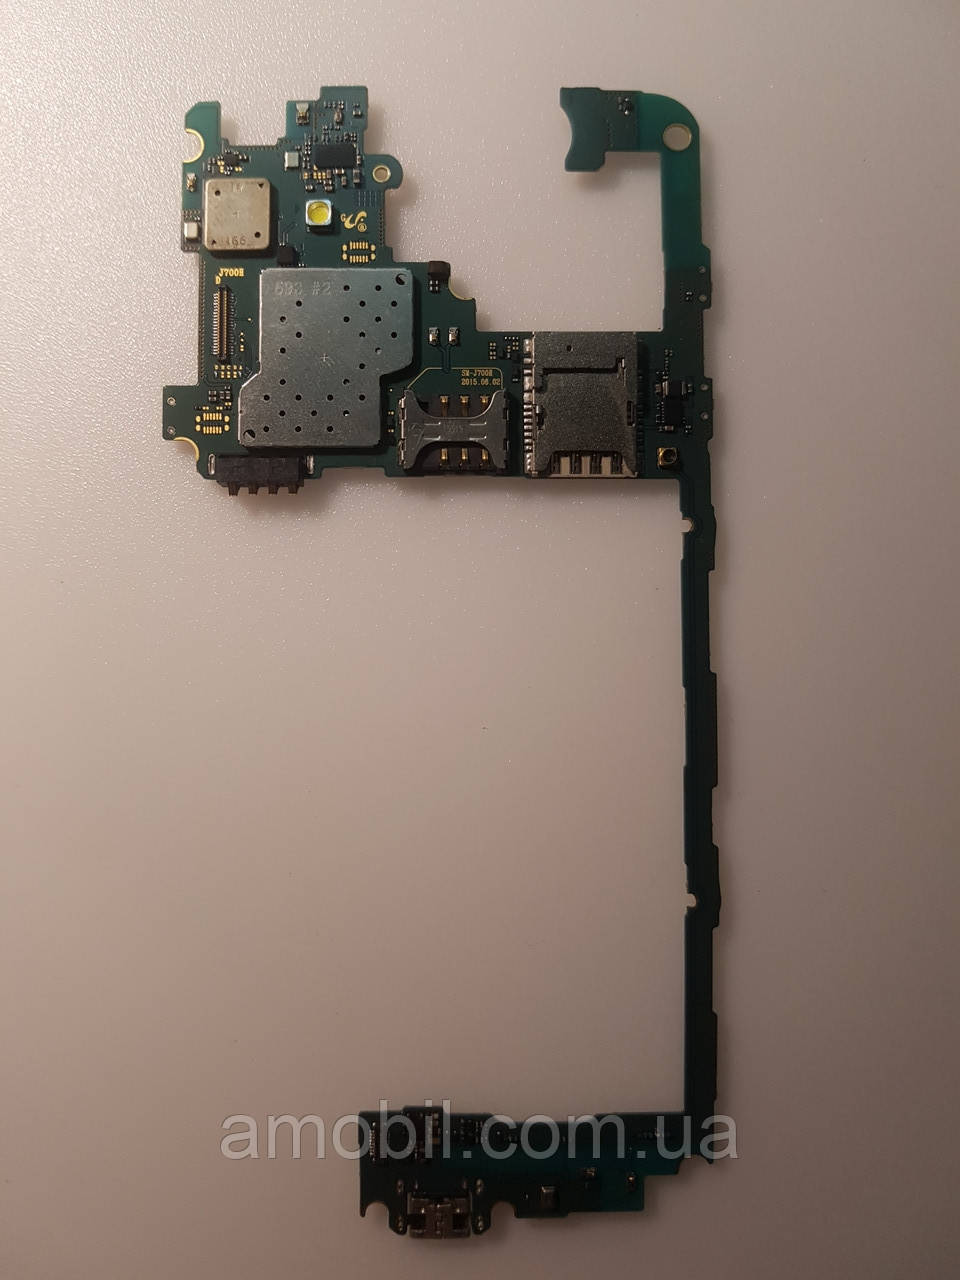 Материнская системная плата Samsung Galaxy J7 J700H / DS 2sim ,рабочая